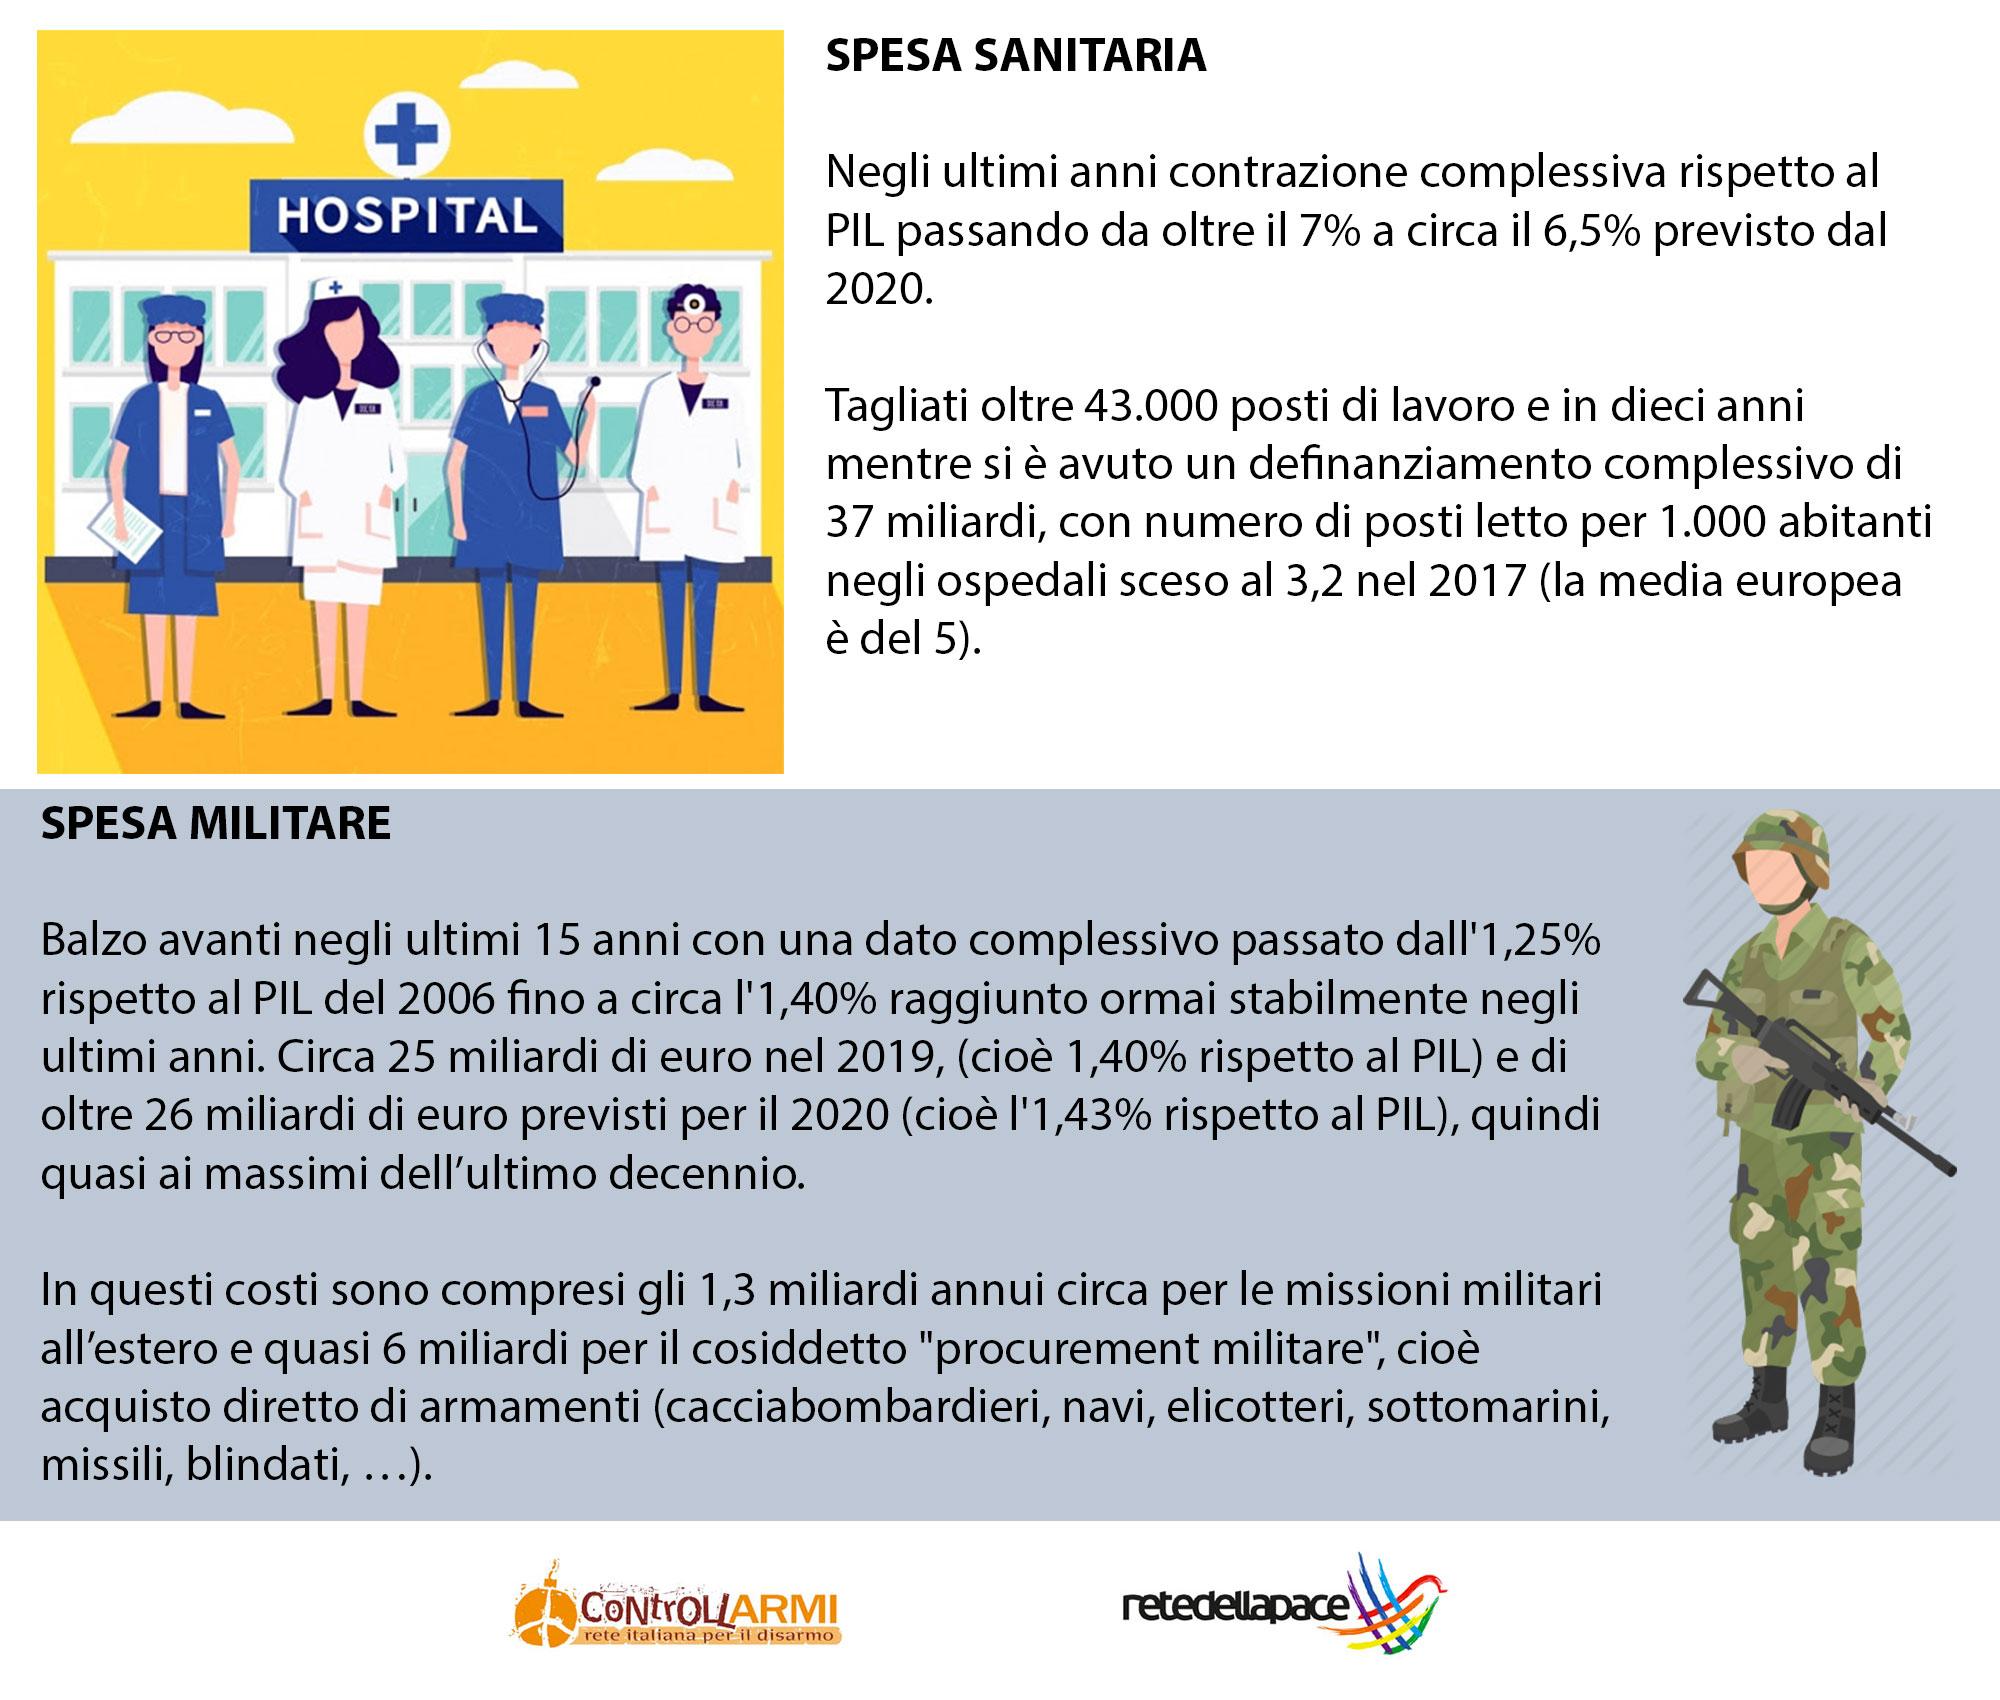 Più investimenti per la salute, meno spese militari